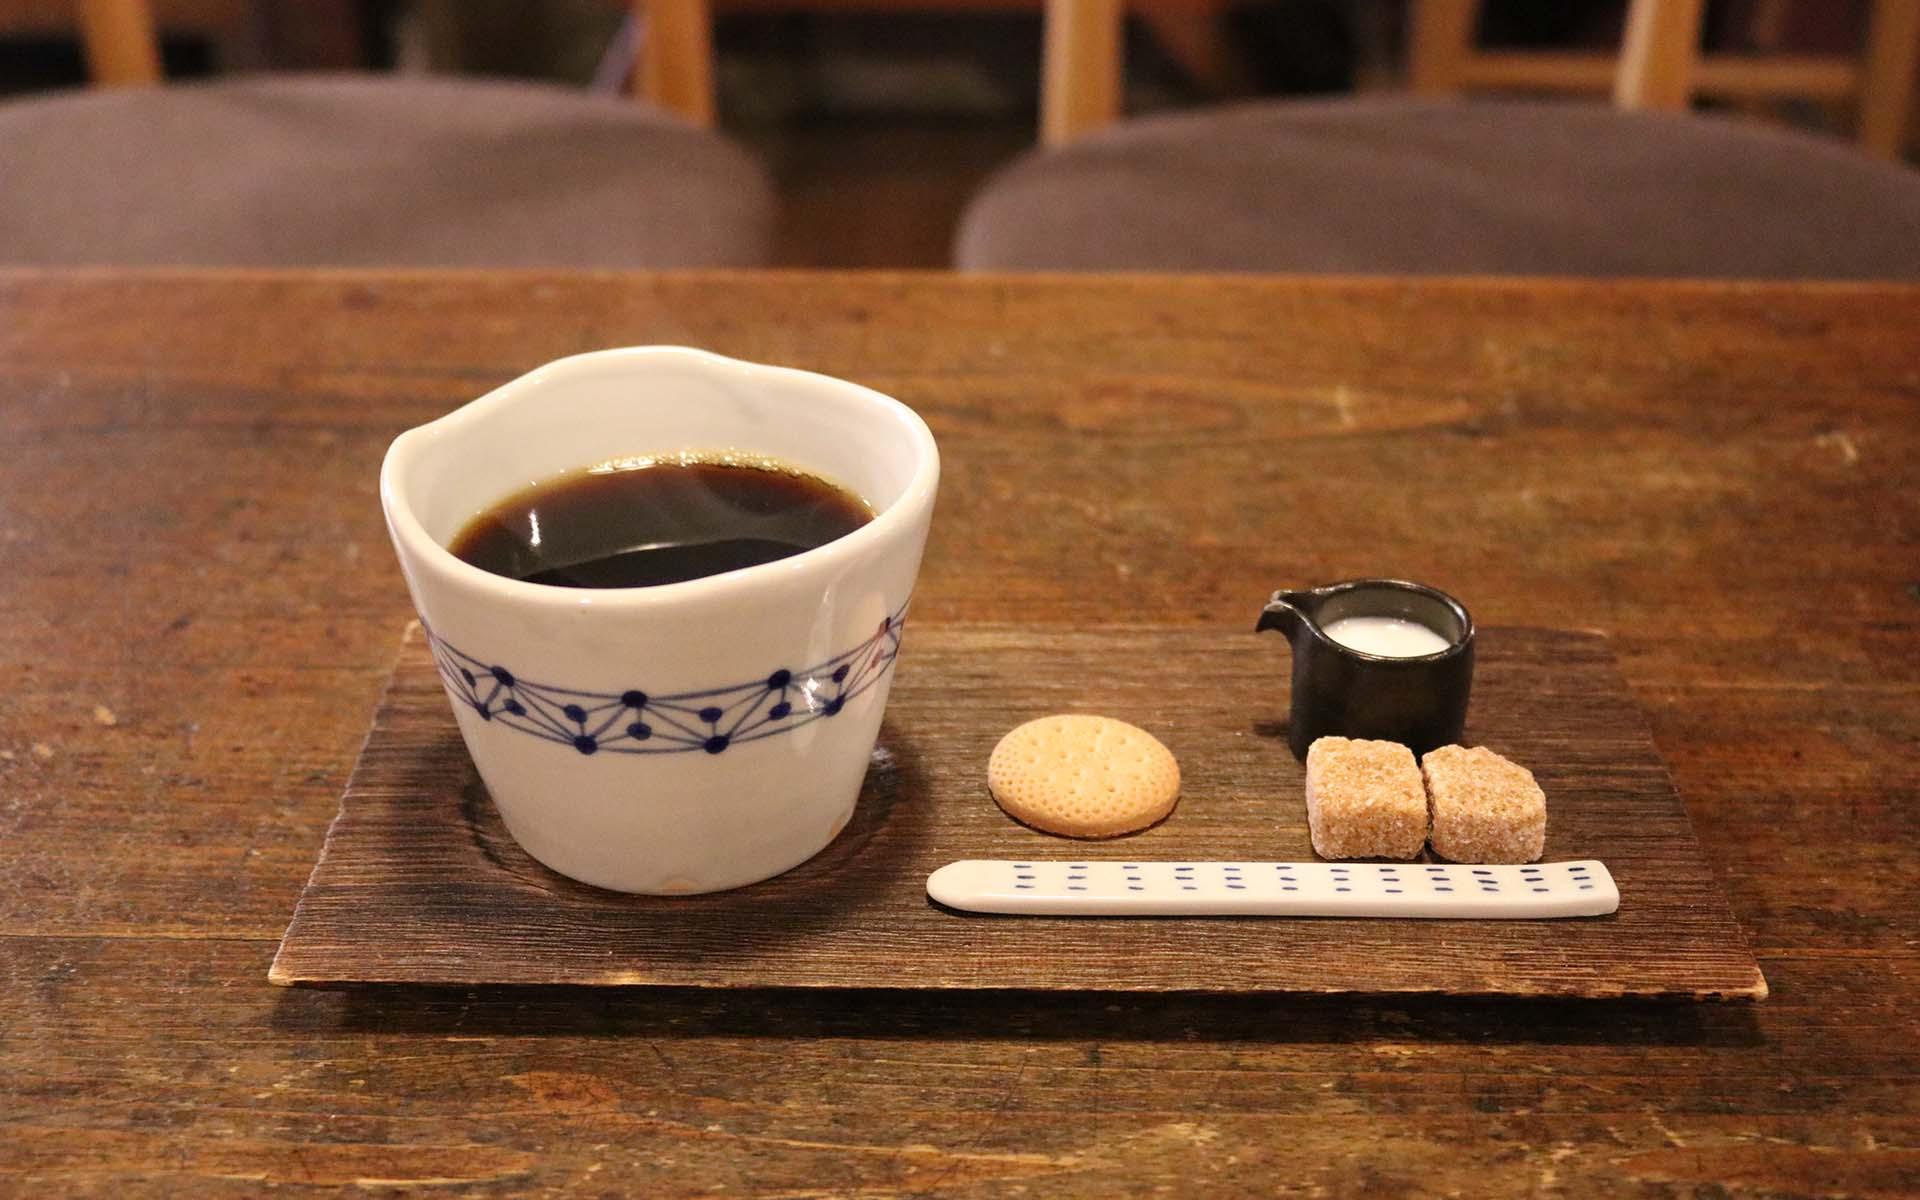 【金沢のお土産・さしあげます】軽くてモダンな、岩本清商店の「ちょこっとトレー」